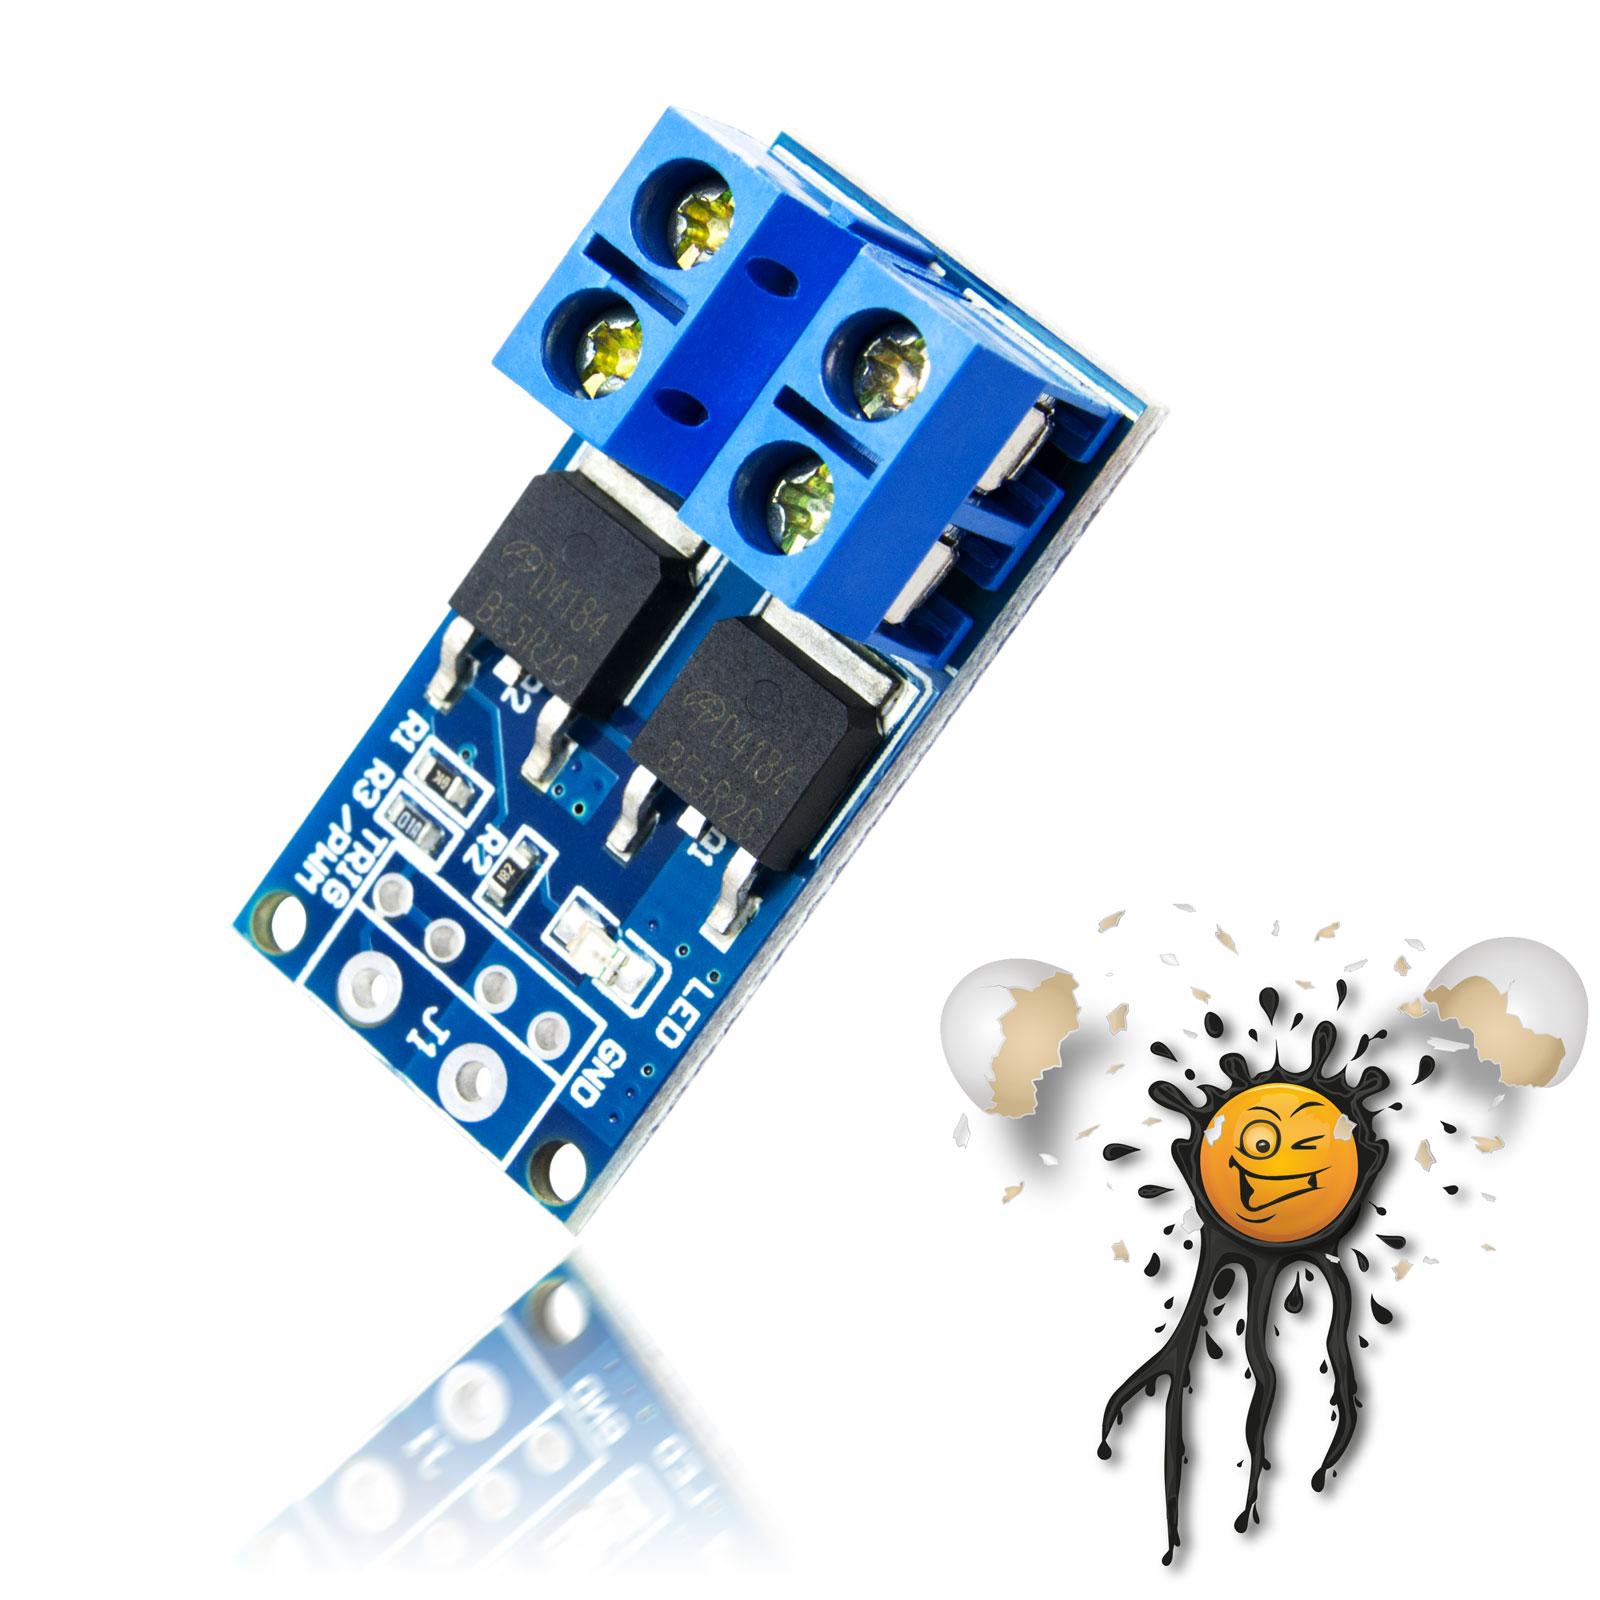 D4184 400W PWM Mosfet Module Board